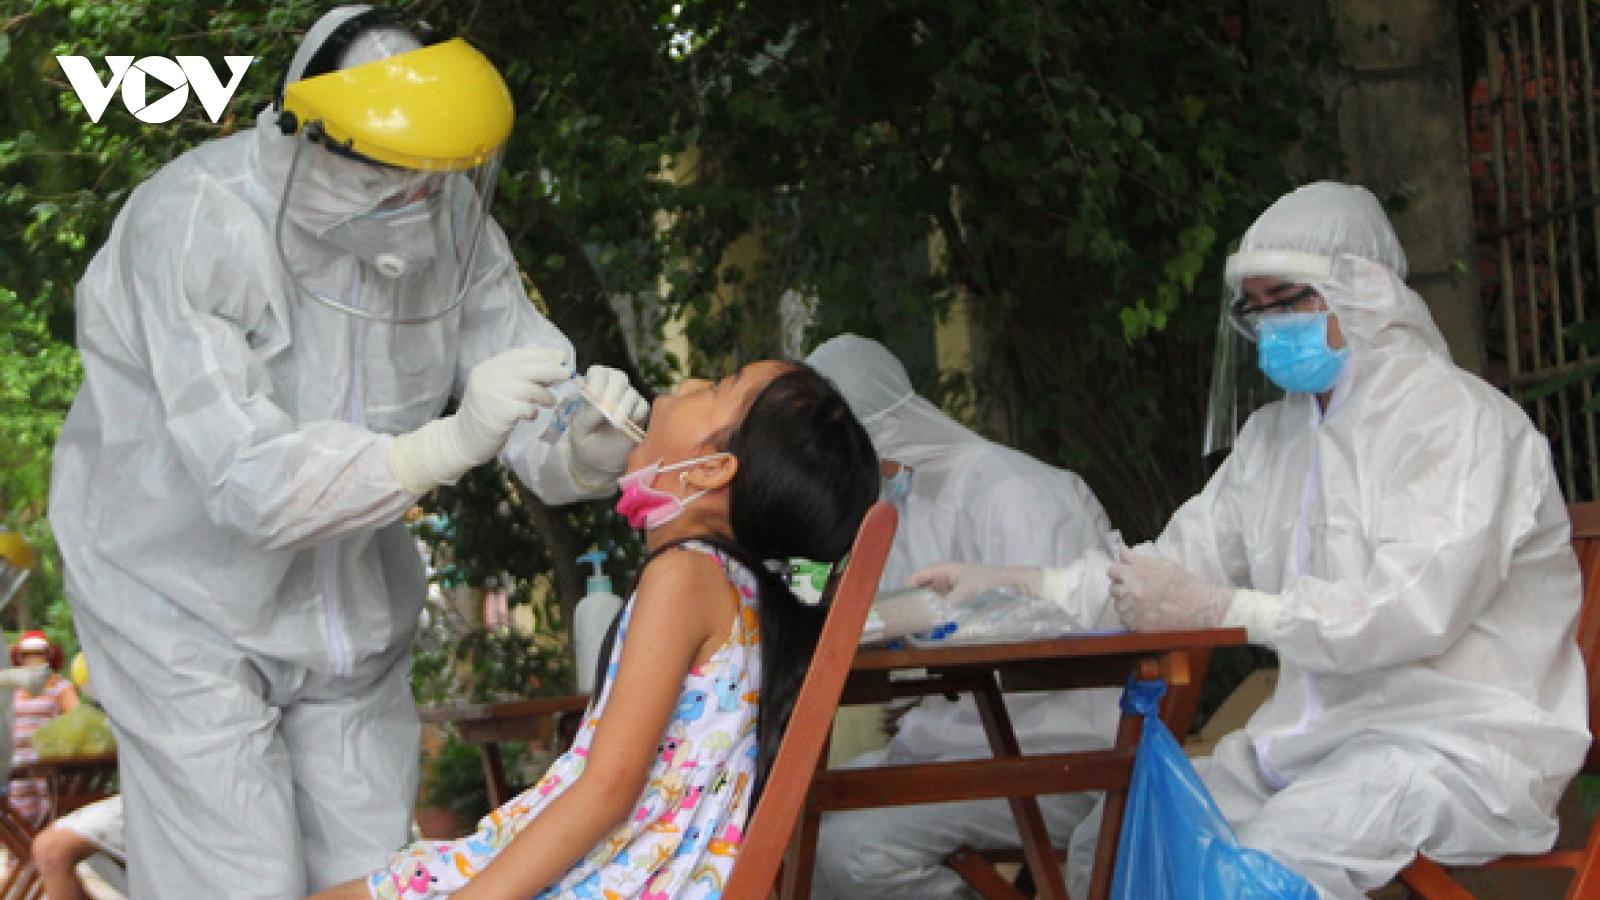 Quảng Nam: Trường hợp F1 tiếp xúc với bệnh nhân Covid-19 ở TPHCM có kết quả âm tính